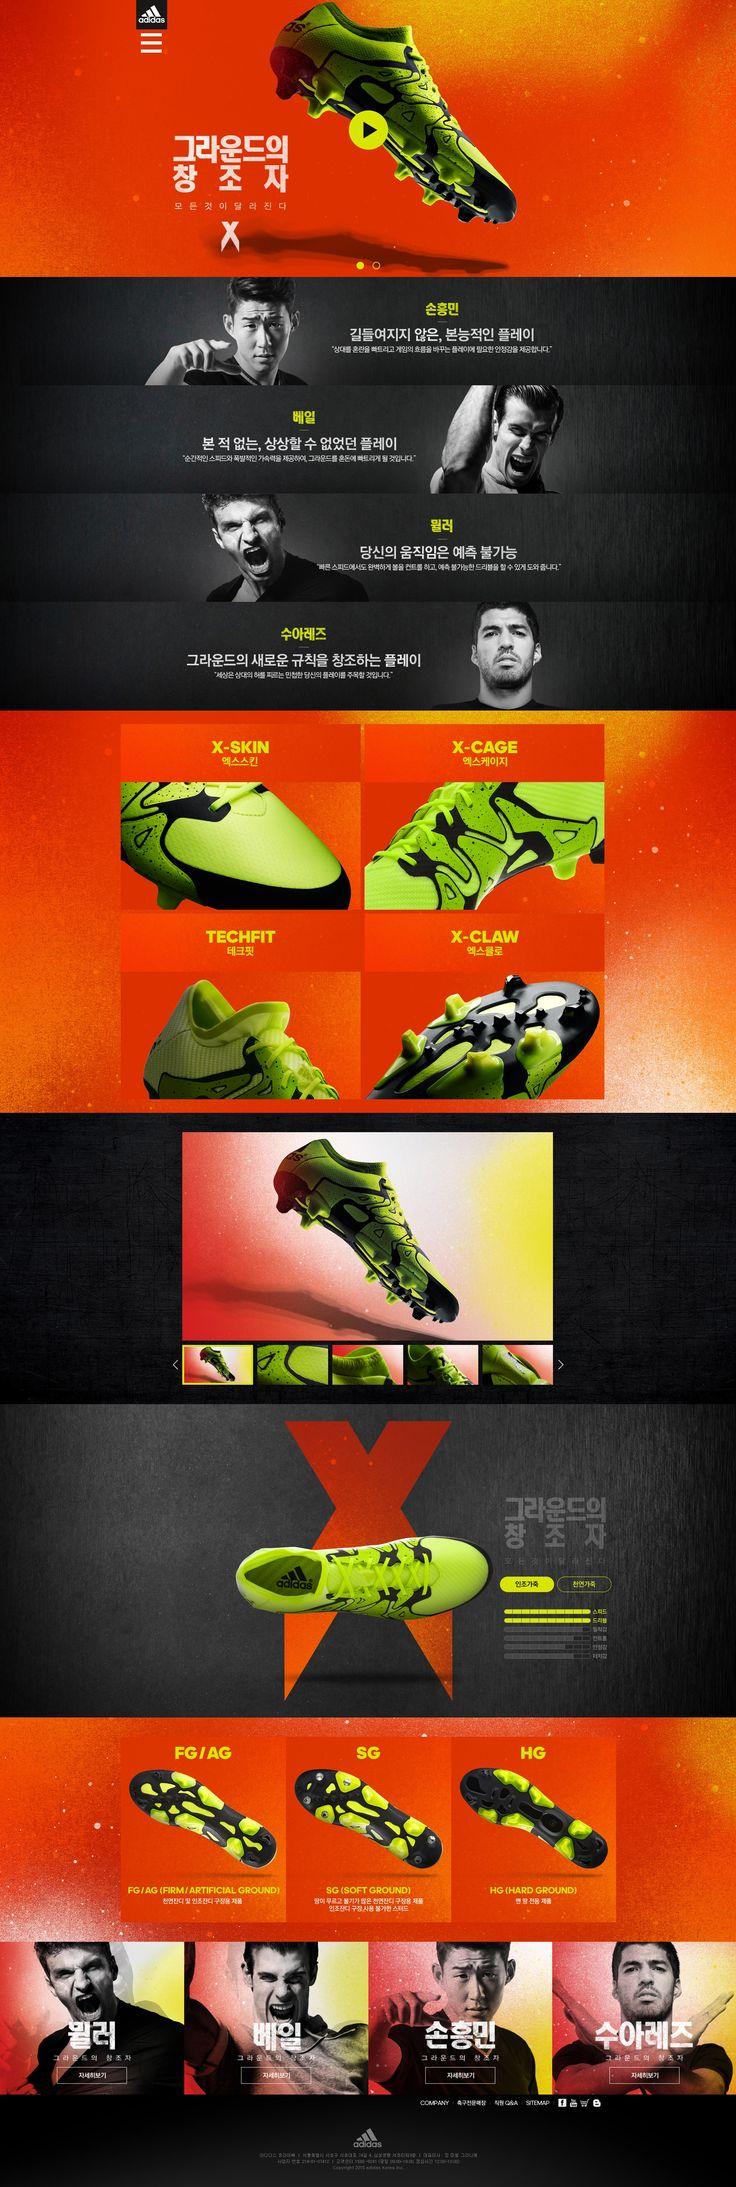 adidas / 아디다스 마이크로사이트